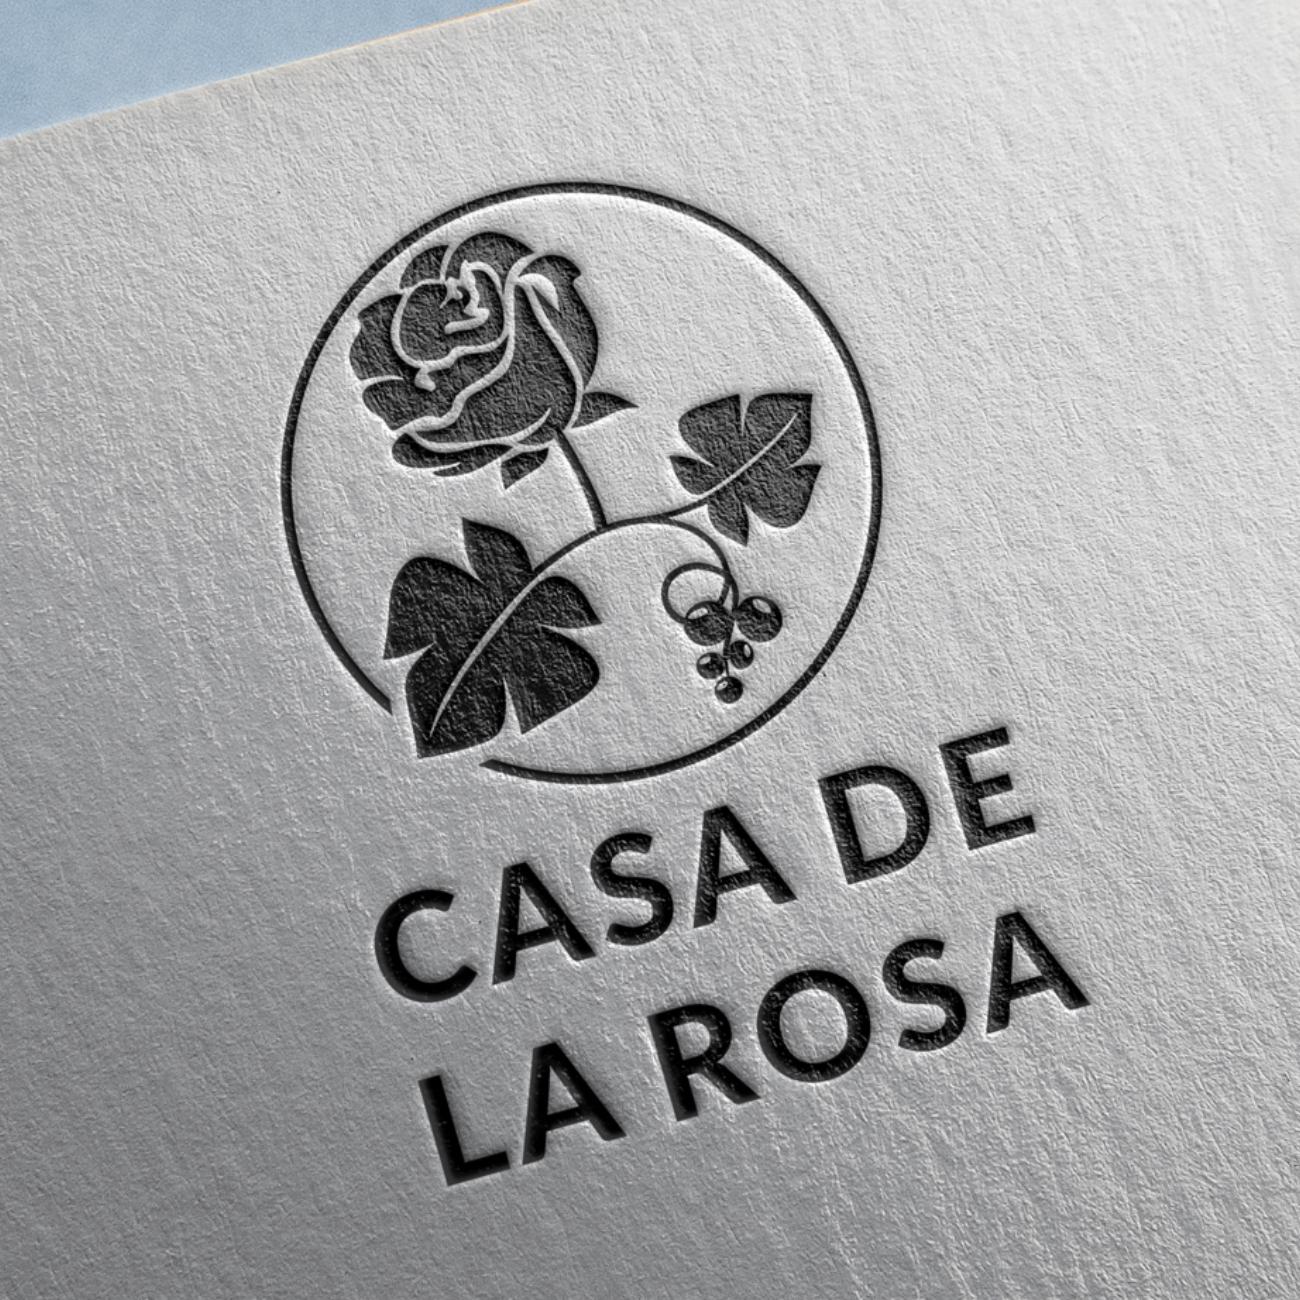 Логотип + Фирменный знак для элитного поселка Casa De La Rosa фото f_2515cd4a6465da70.jpg